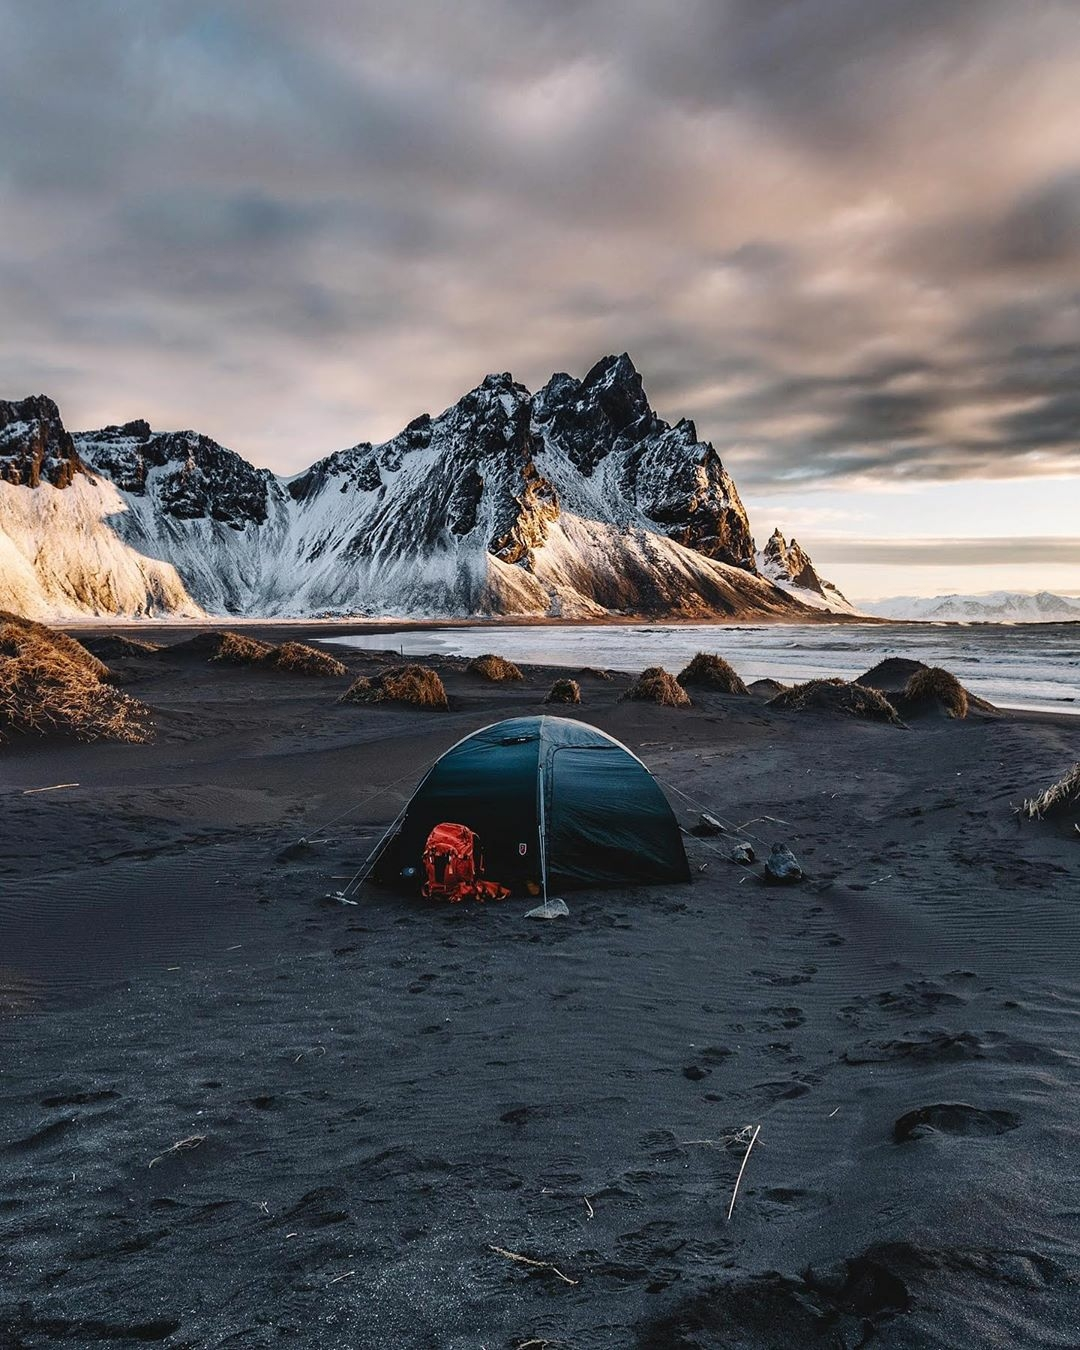 tent on beach